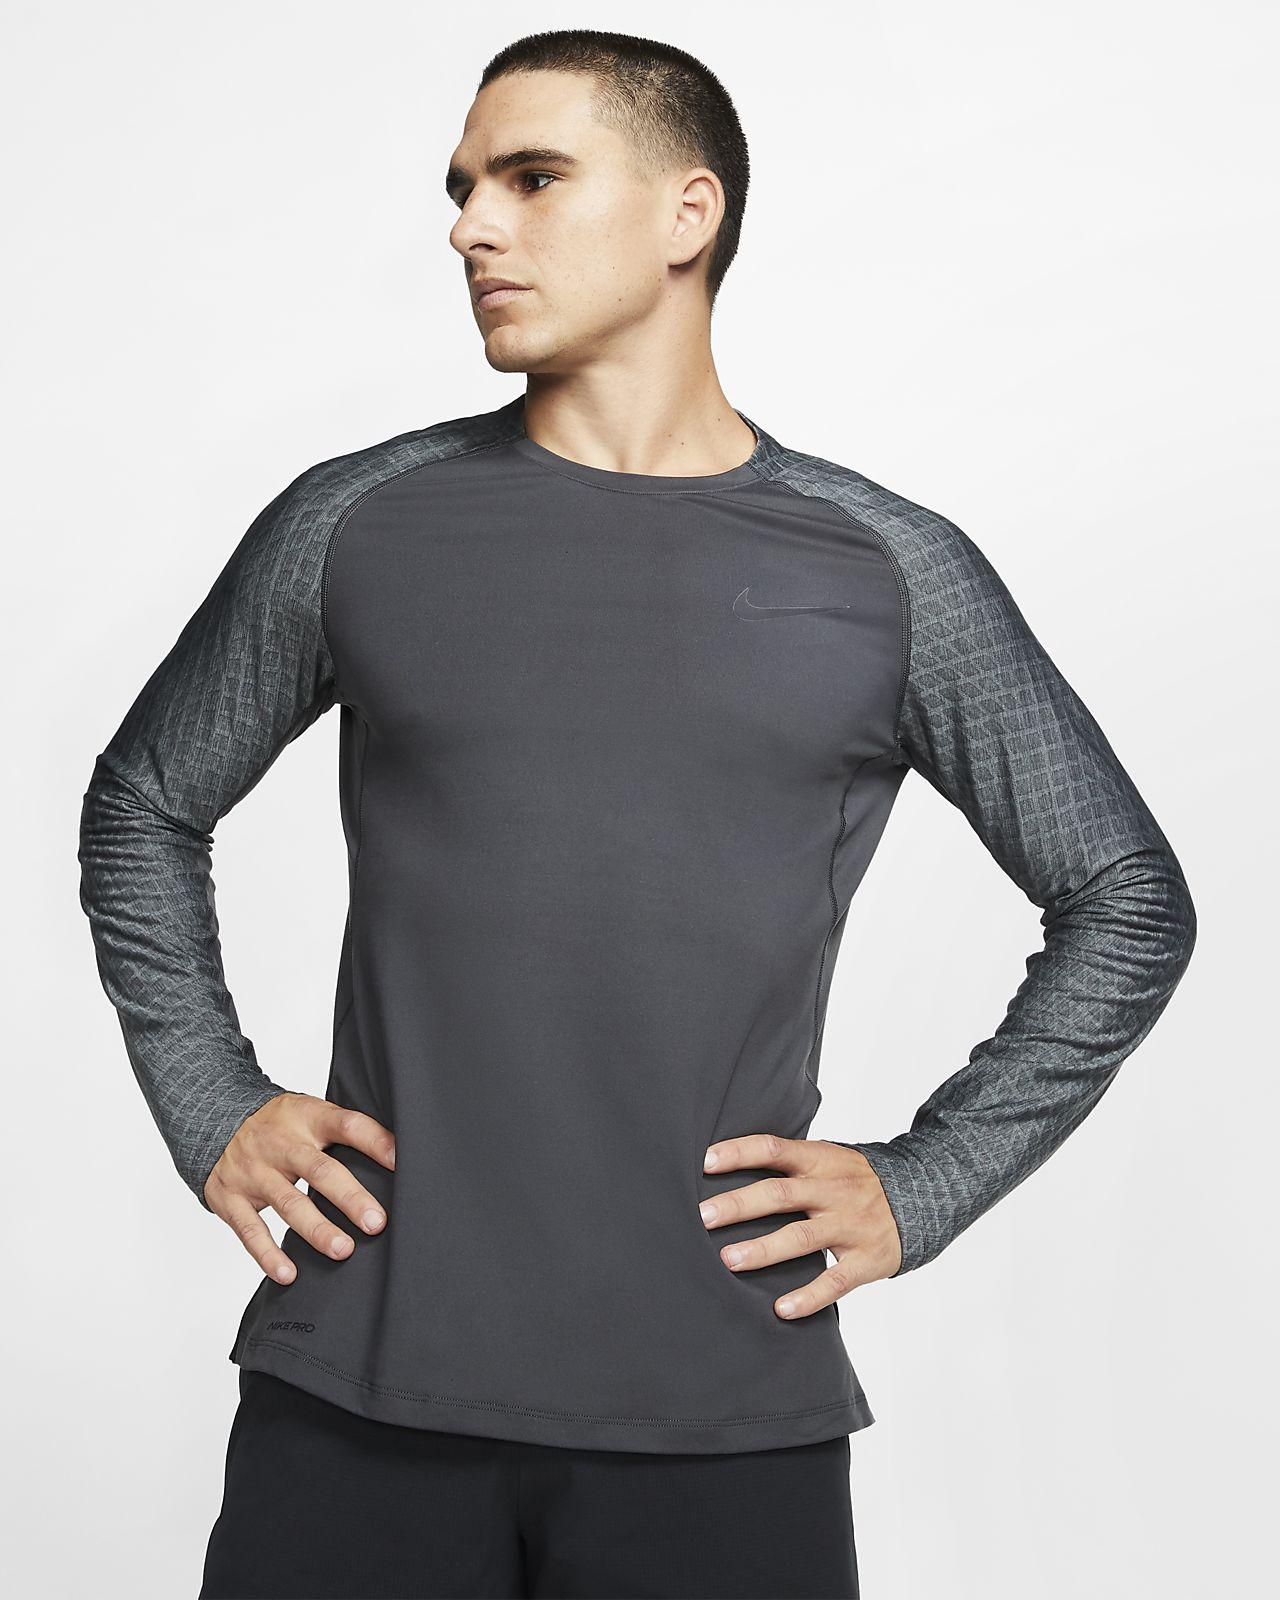 Camisola de treino de manga comprida Nike Pro para homem